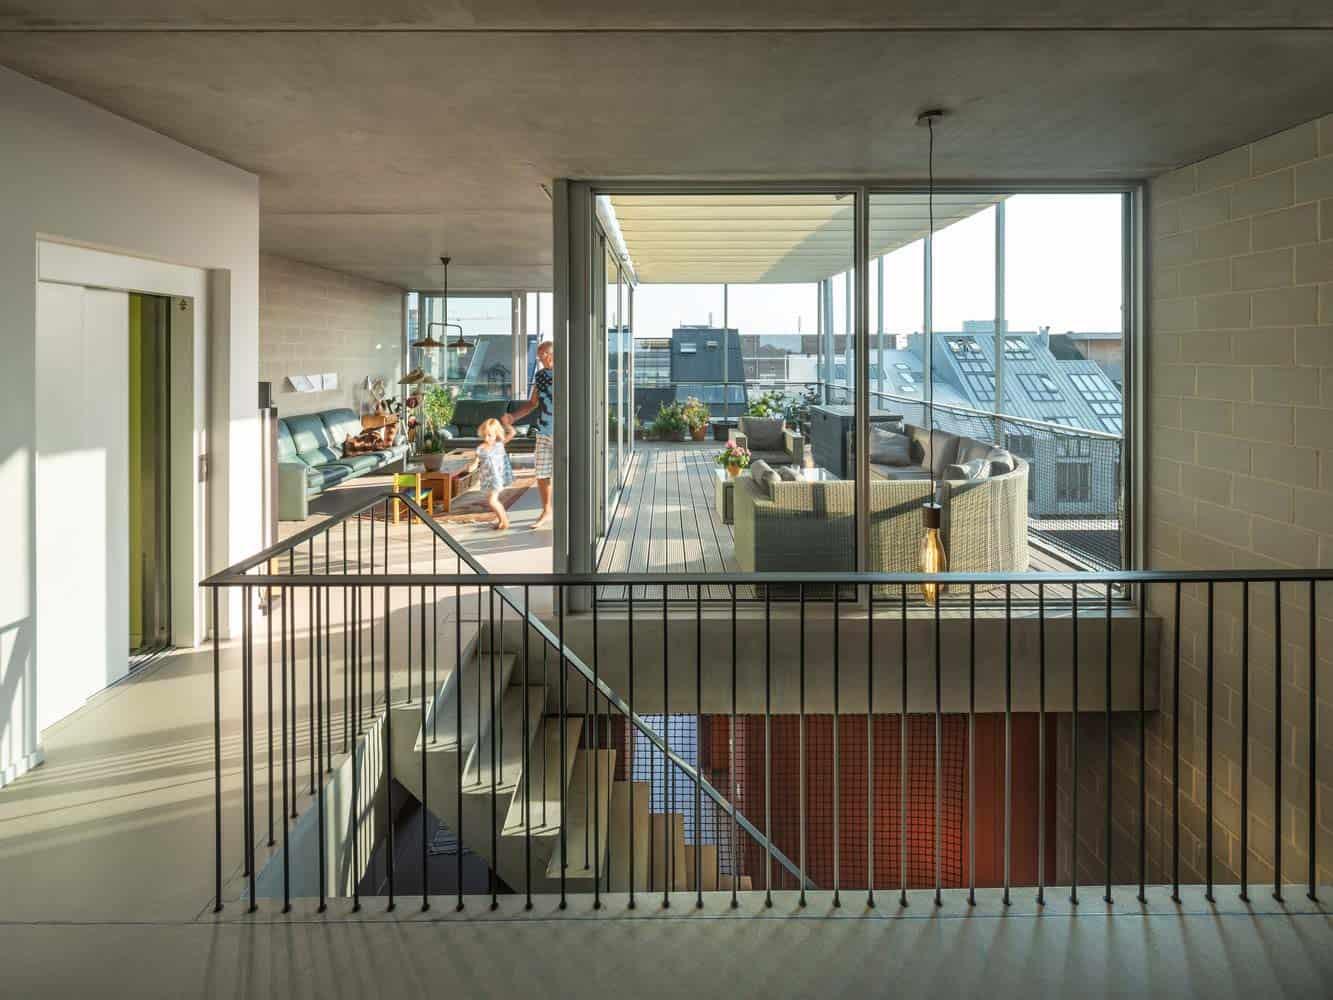 thiết kế nhà 4 tầng đẹp